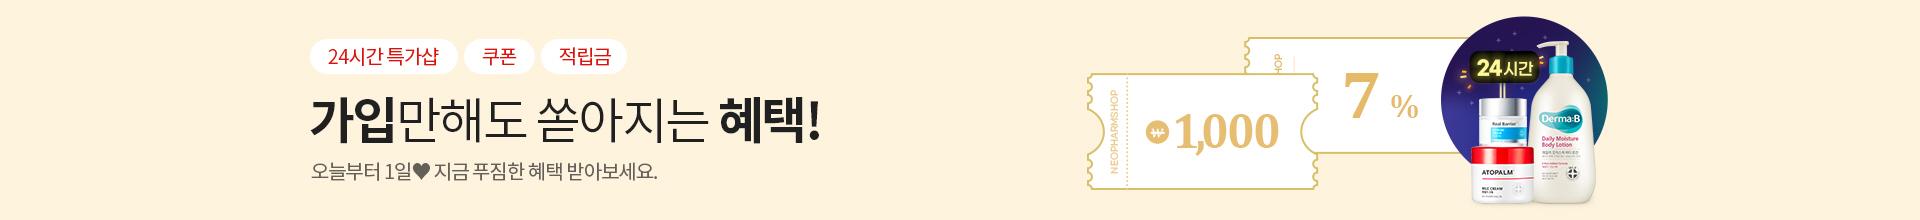 11월_메인하단 띠배너(신규회원 혜택 페이지)